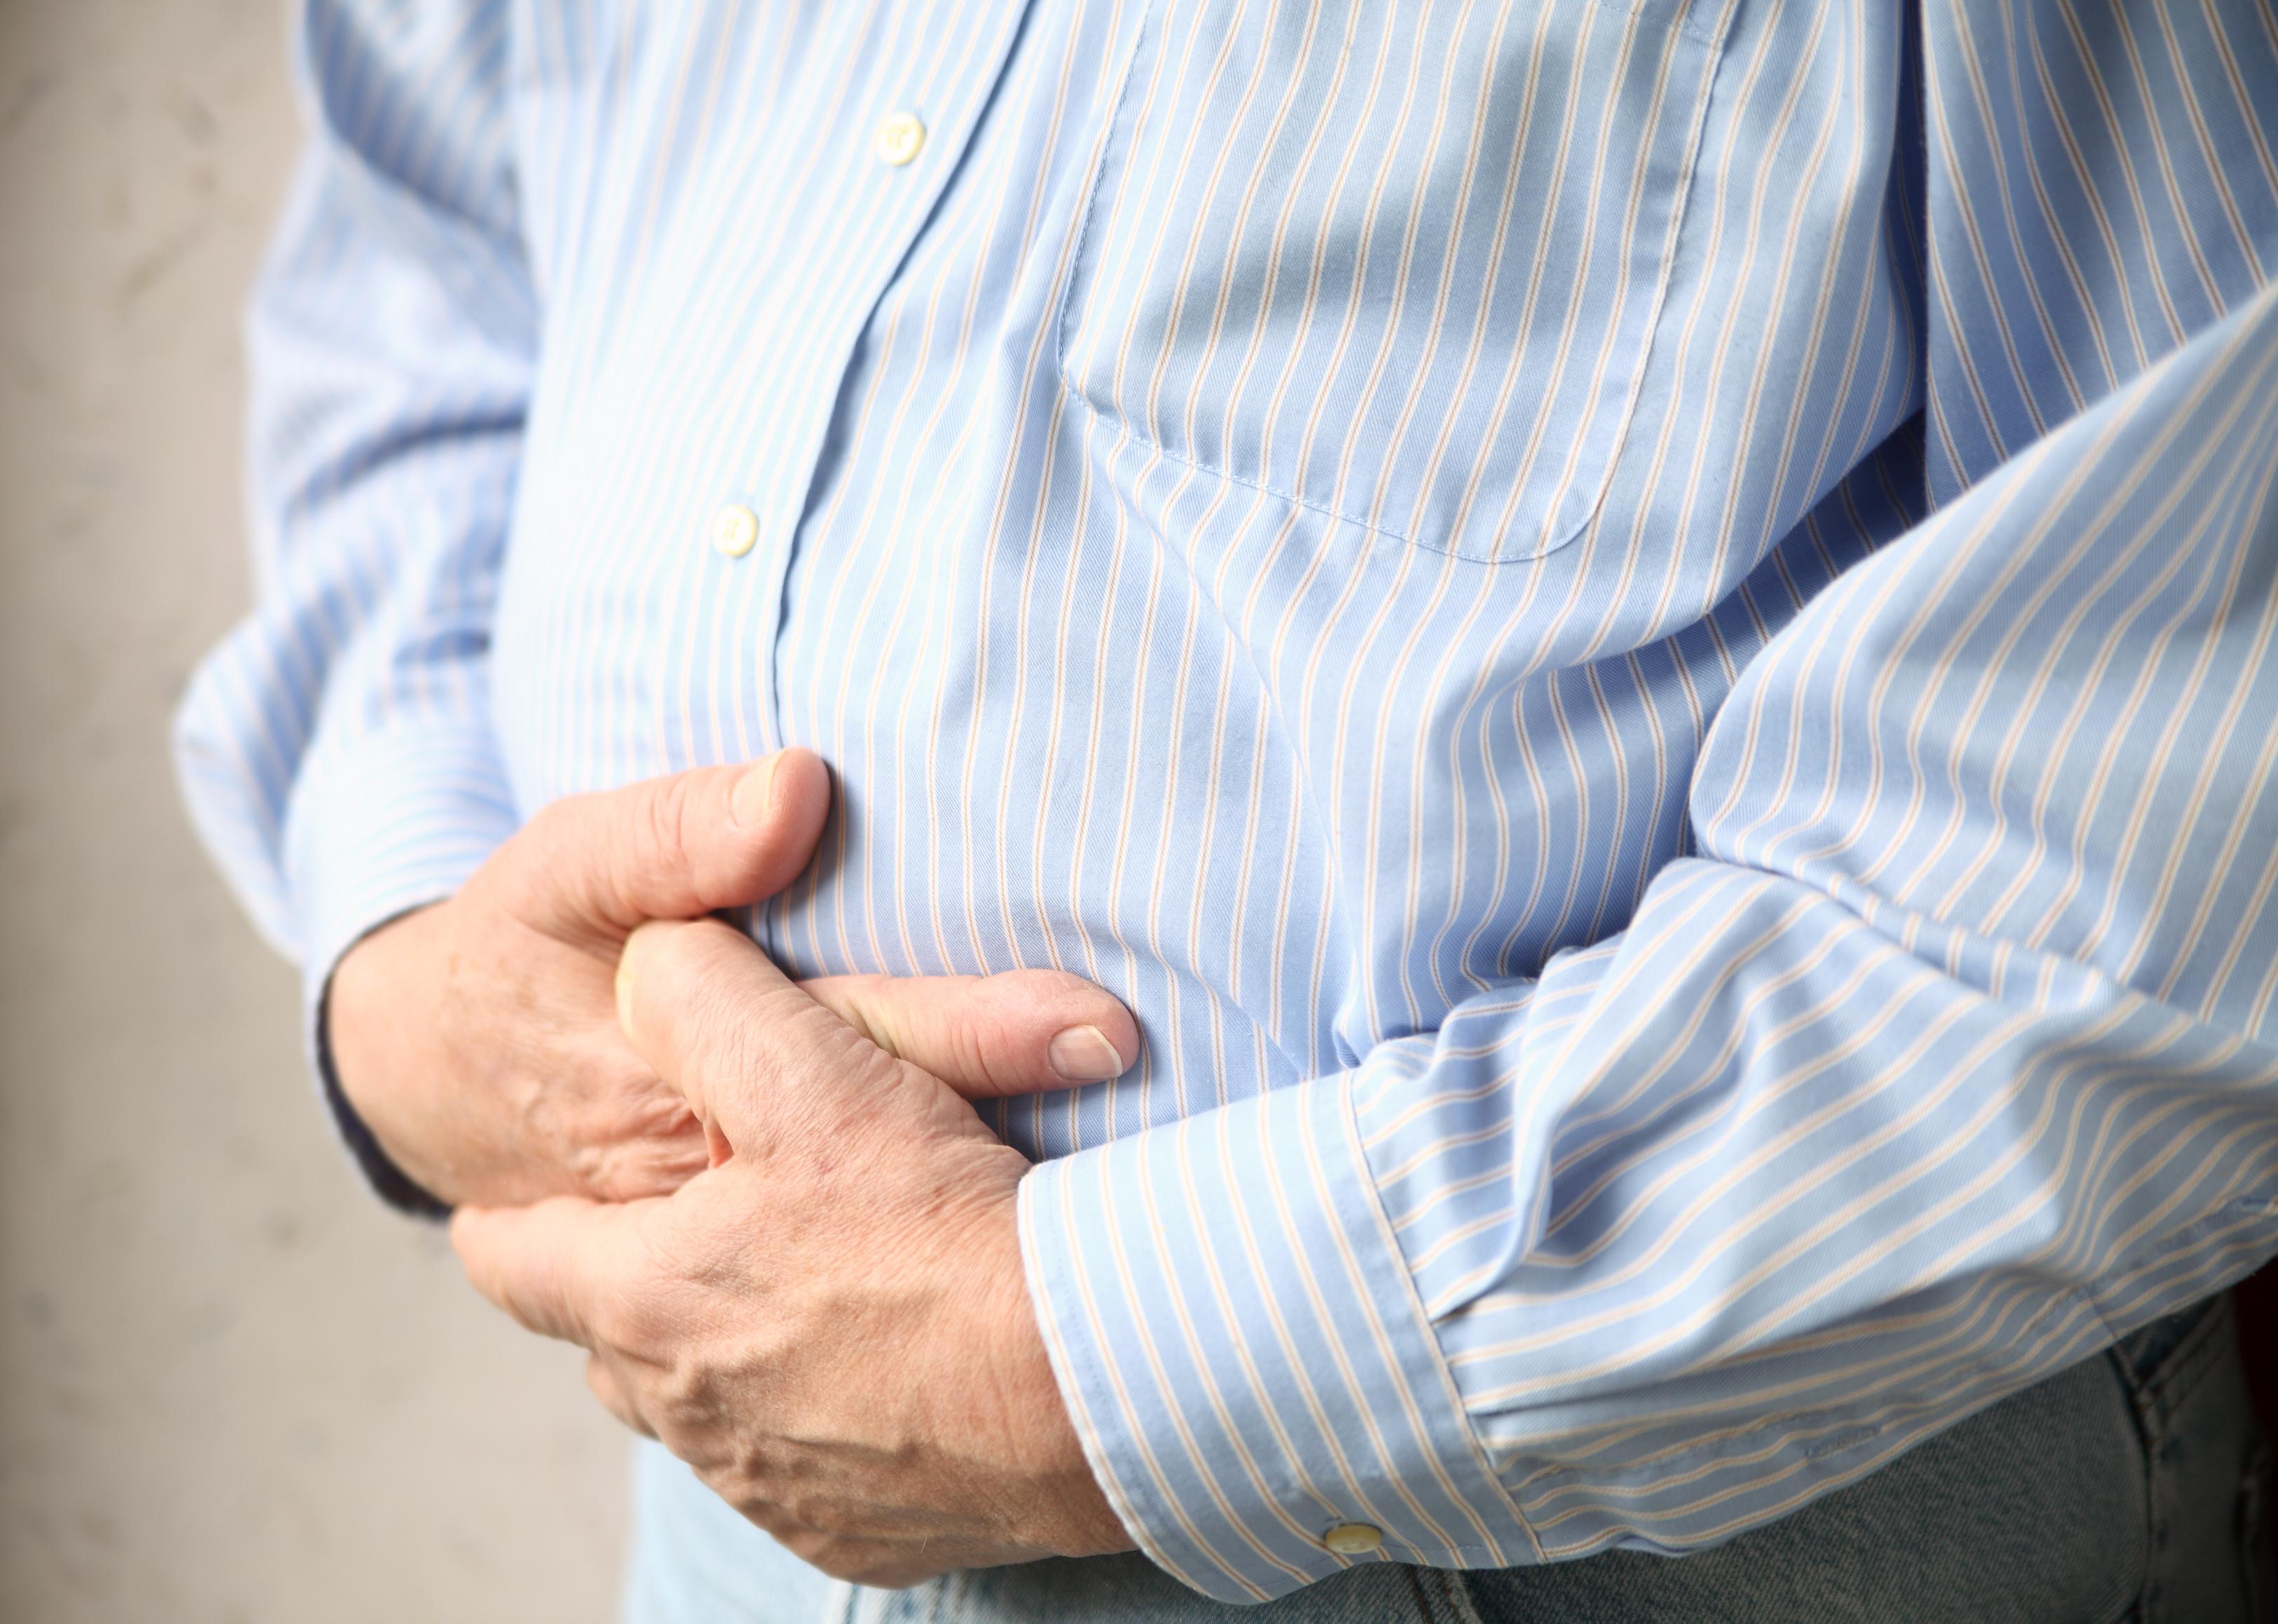 Det finns olika sätt att behandla magsår som beror på läkemedel.